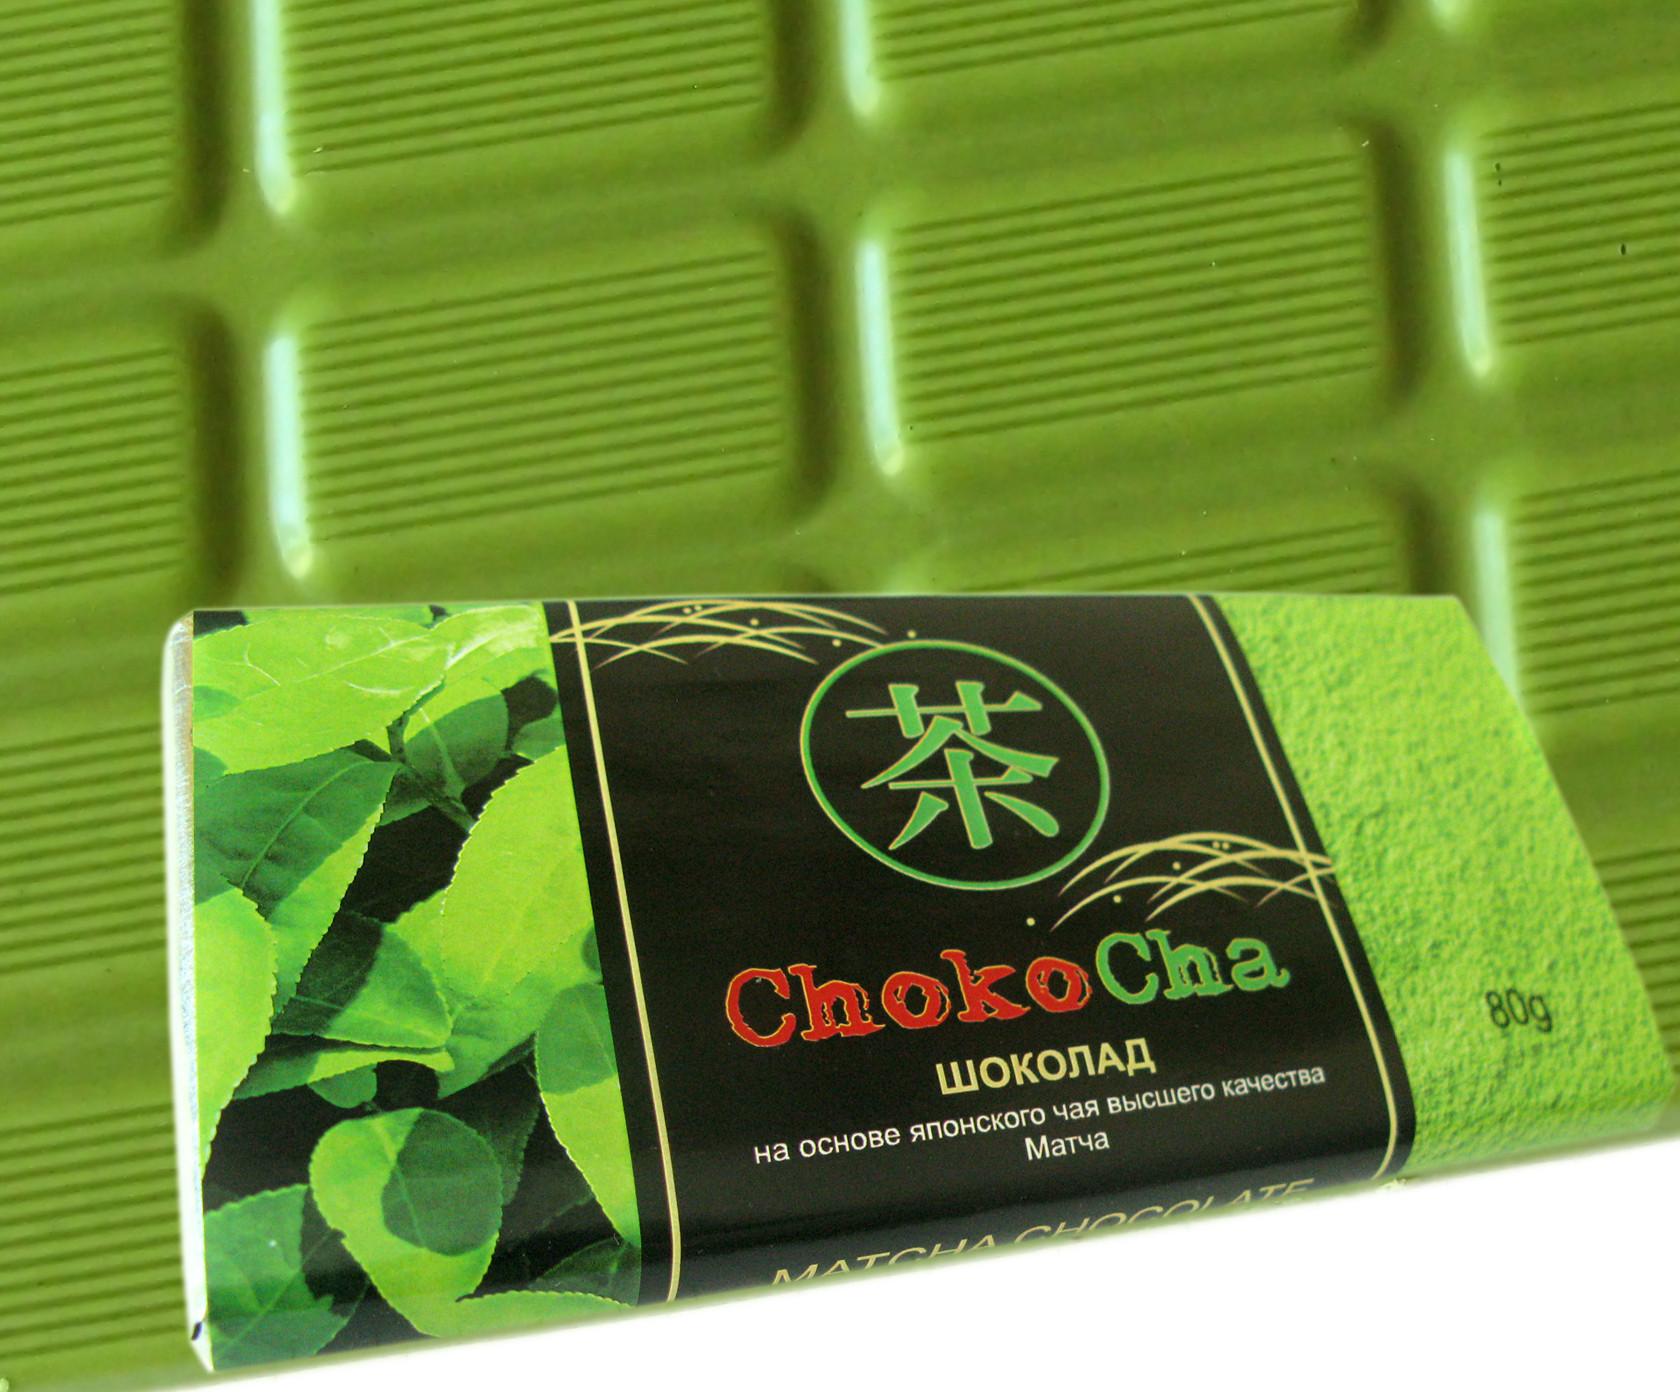 Зеленый шоколад с использованием чая Мачта